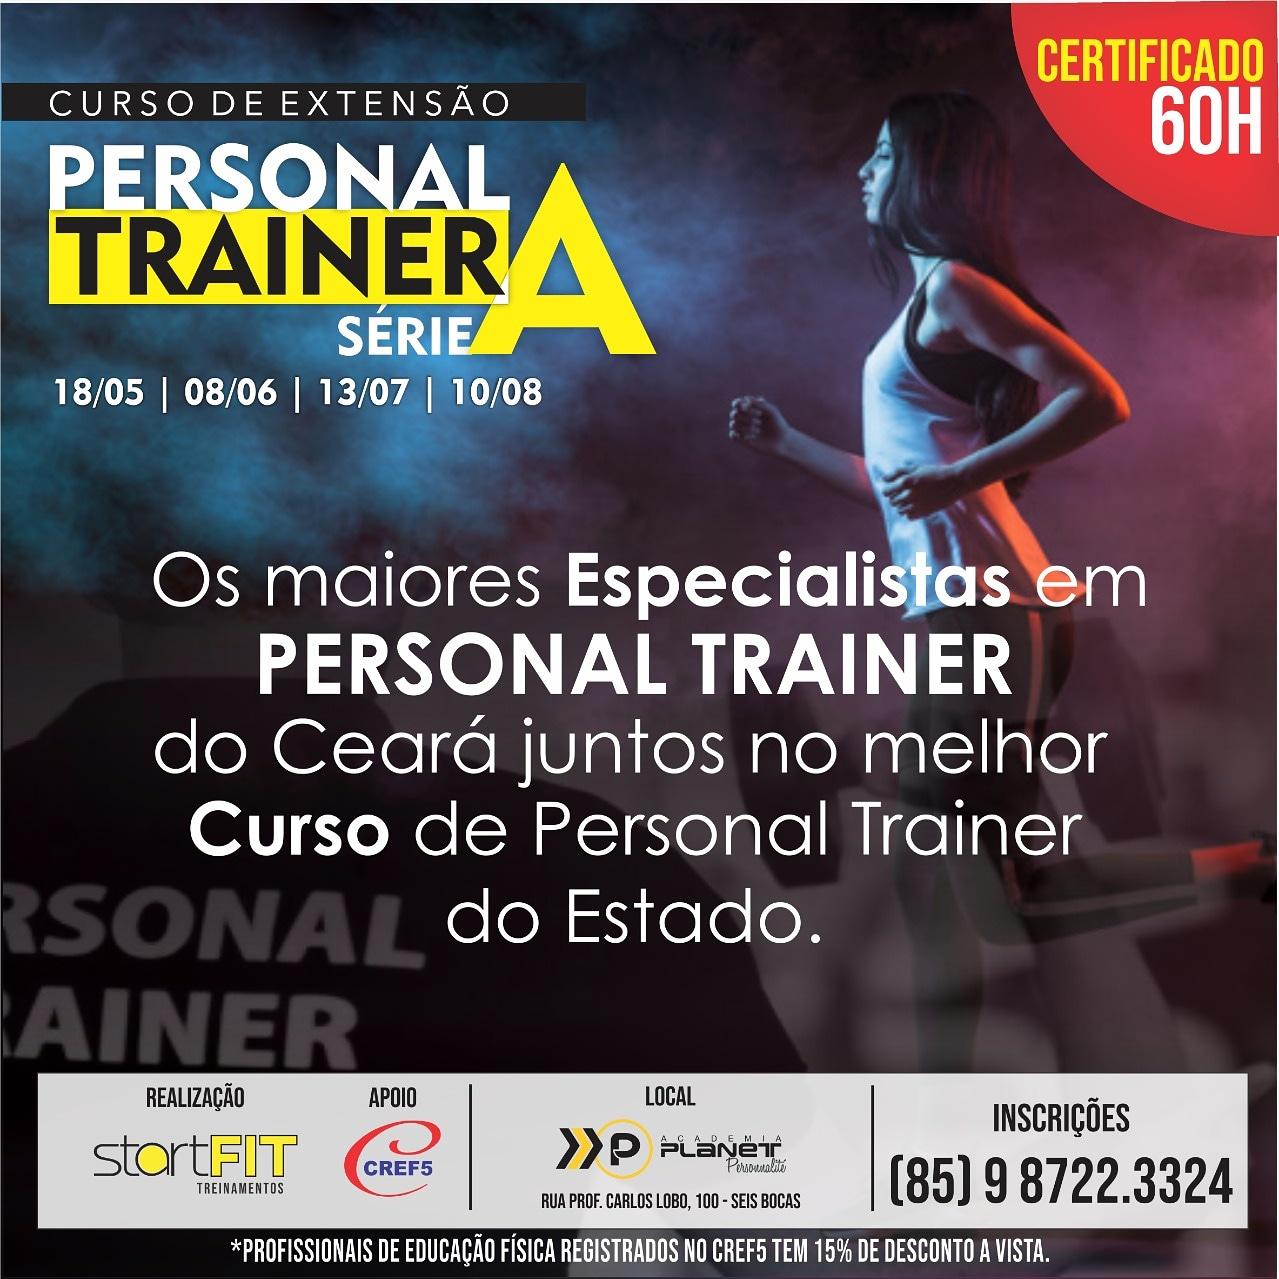 Curso de Extensão: Personal Trainer série A